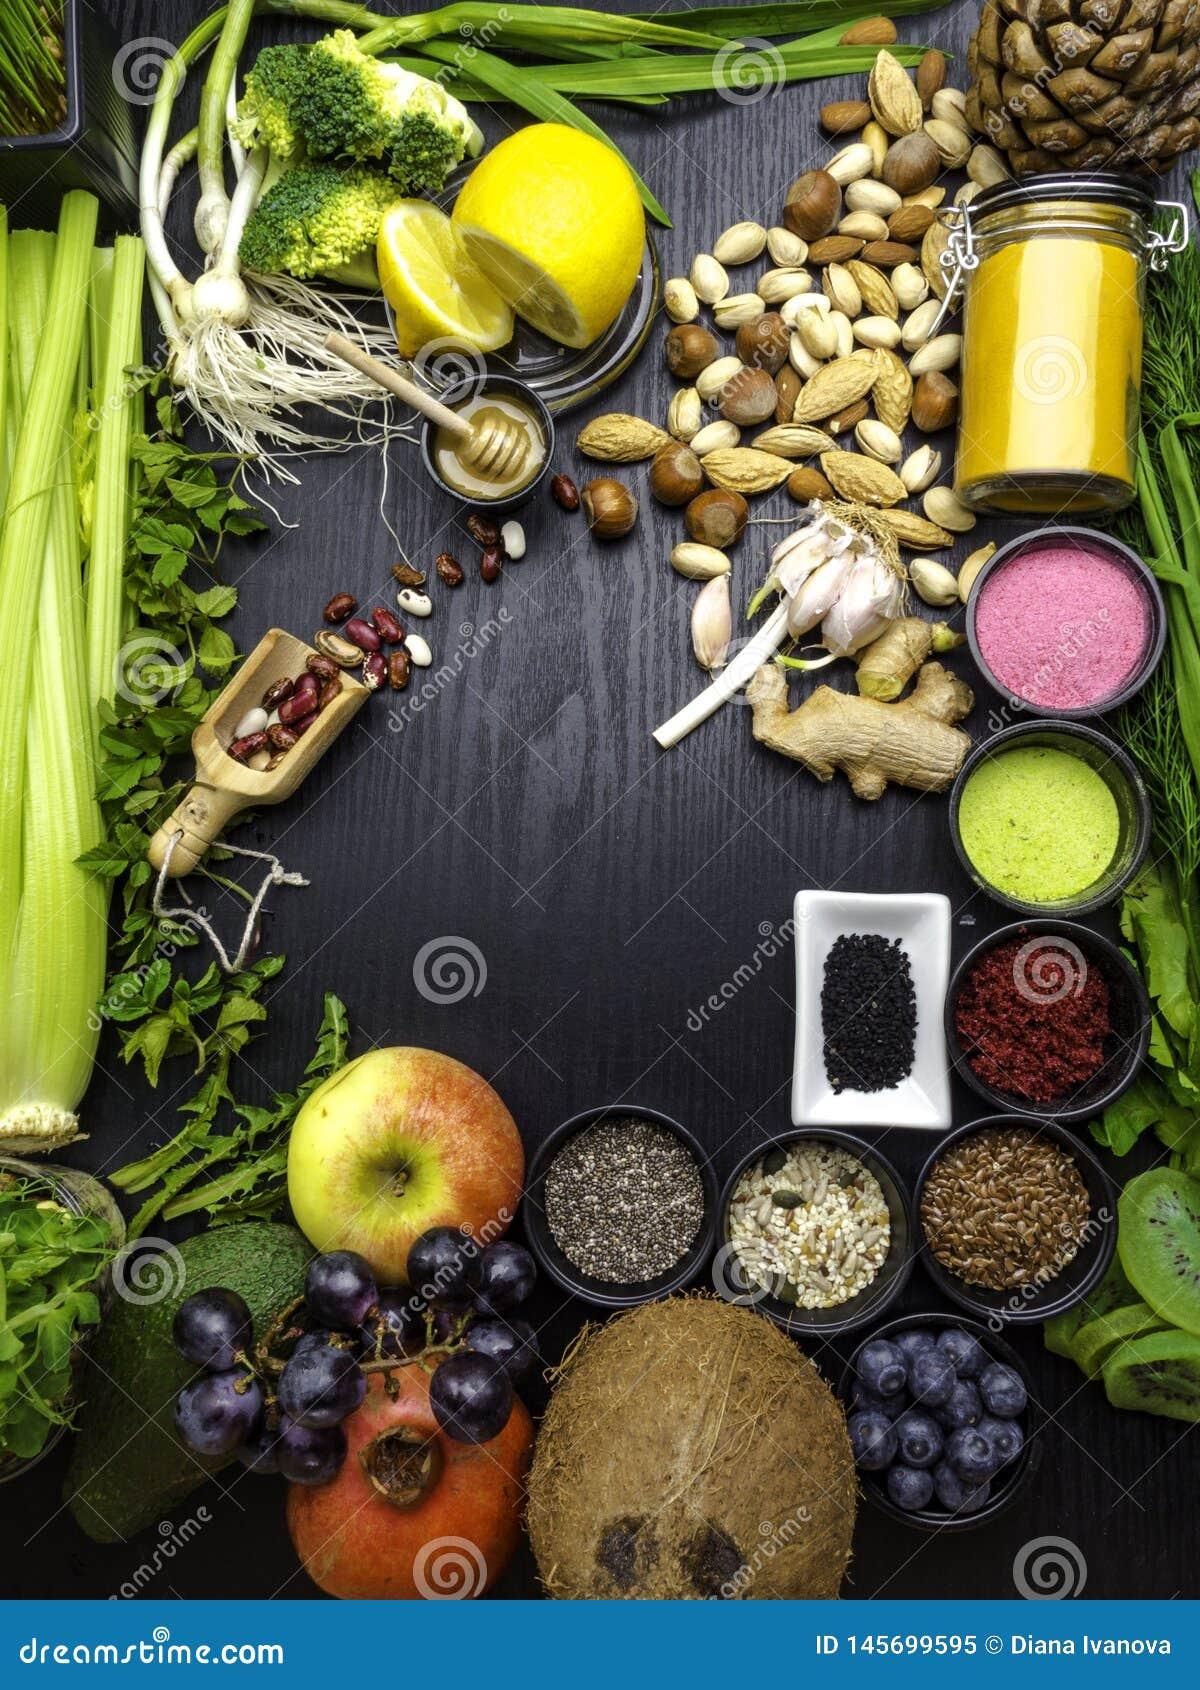 Schoon het eten concept over houten achtergrond, hoogste mening, exemplaarruimte voedselveganist, ruw dieet of gluten vrij dieet